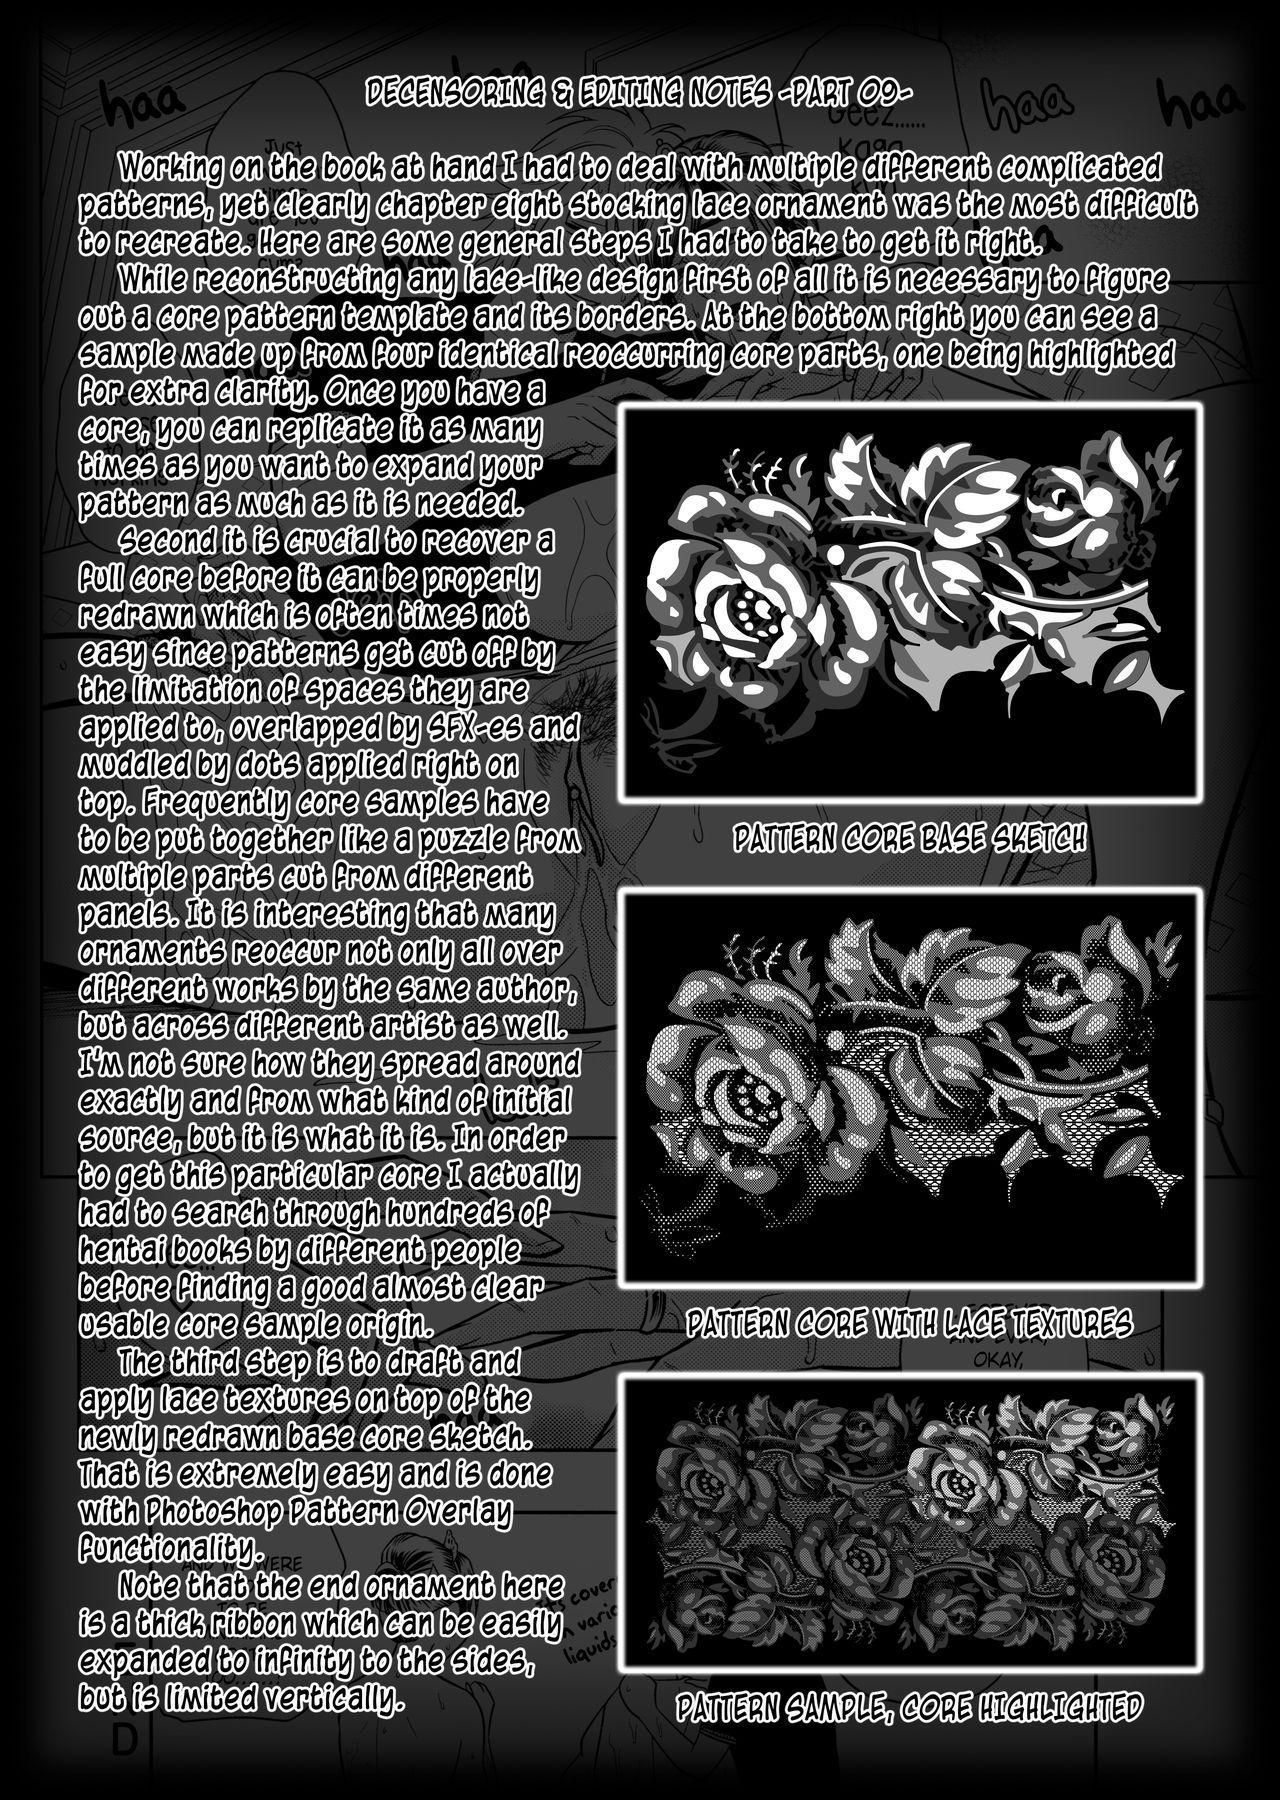 [Tatsunami Youtoku, Yamasaki Masato] Bijin Henshuu-chou no Himitsu | Beautiful Editor-in-Chief's Secret Ch. 1-8 [English] [Forbiddenfetish77, Red Vodka, Crystalium, CEDR777] [Decensored] 183